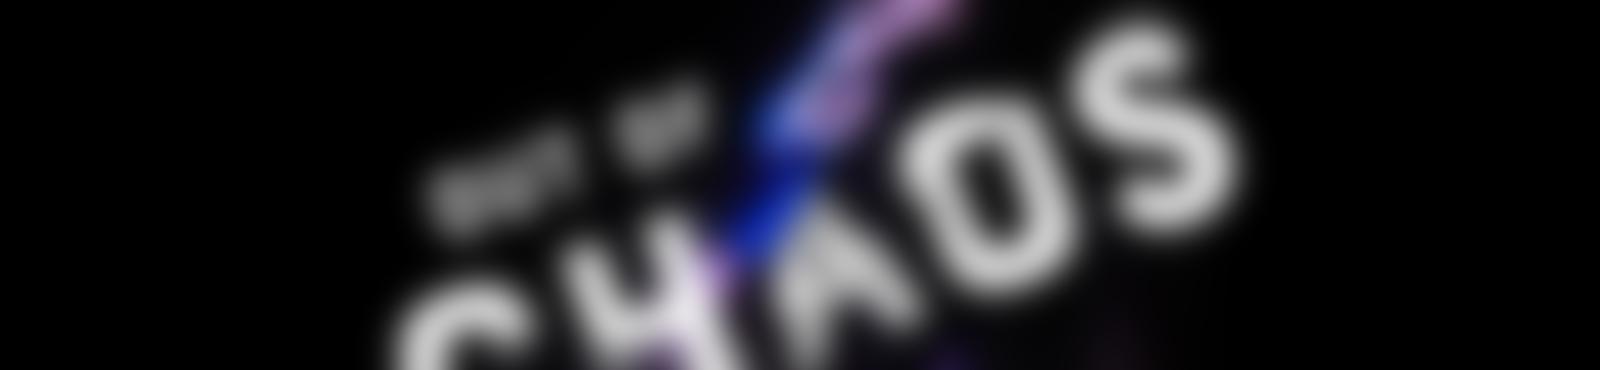 Blurred 9210f407 25e2 4af3 9e0c da8efd99f364